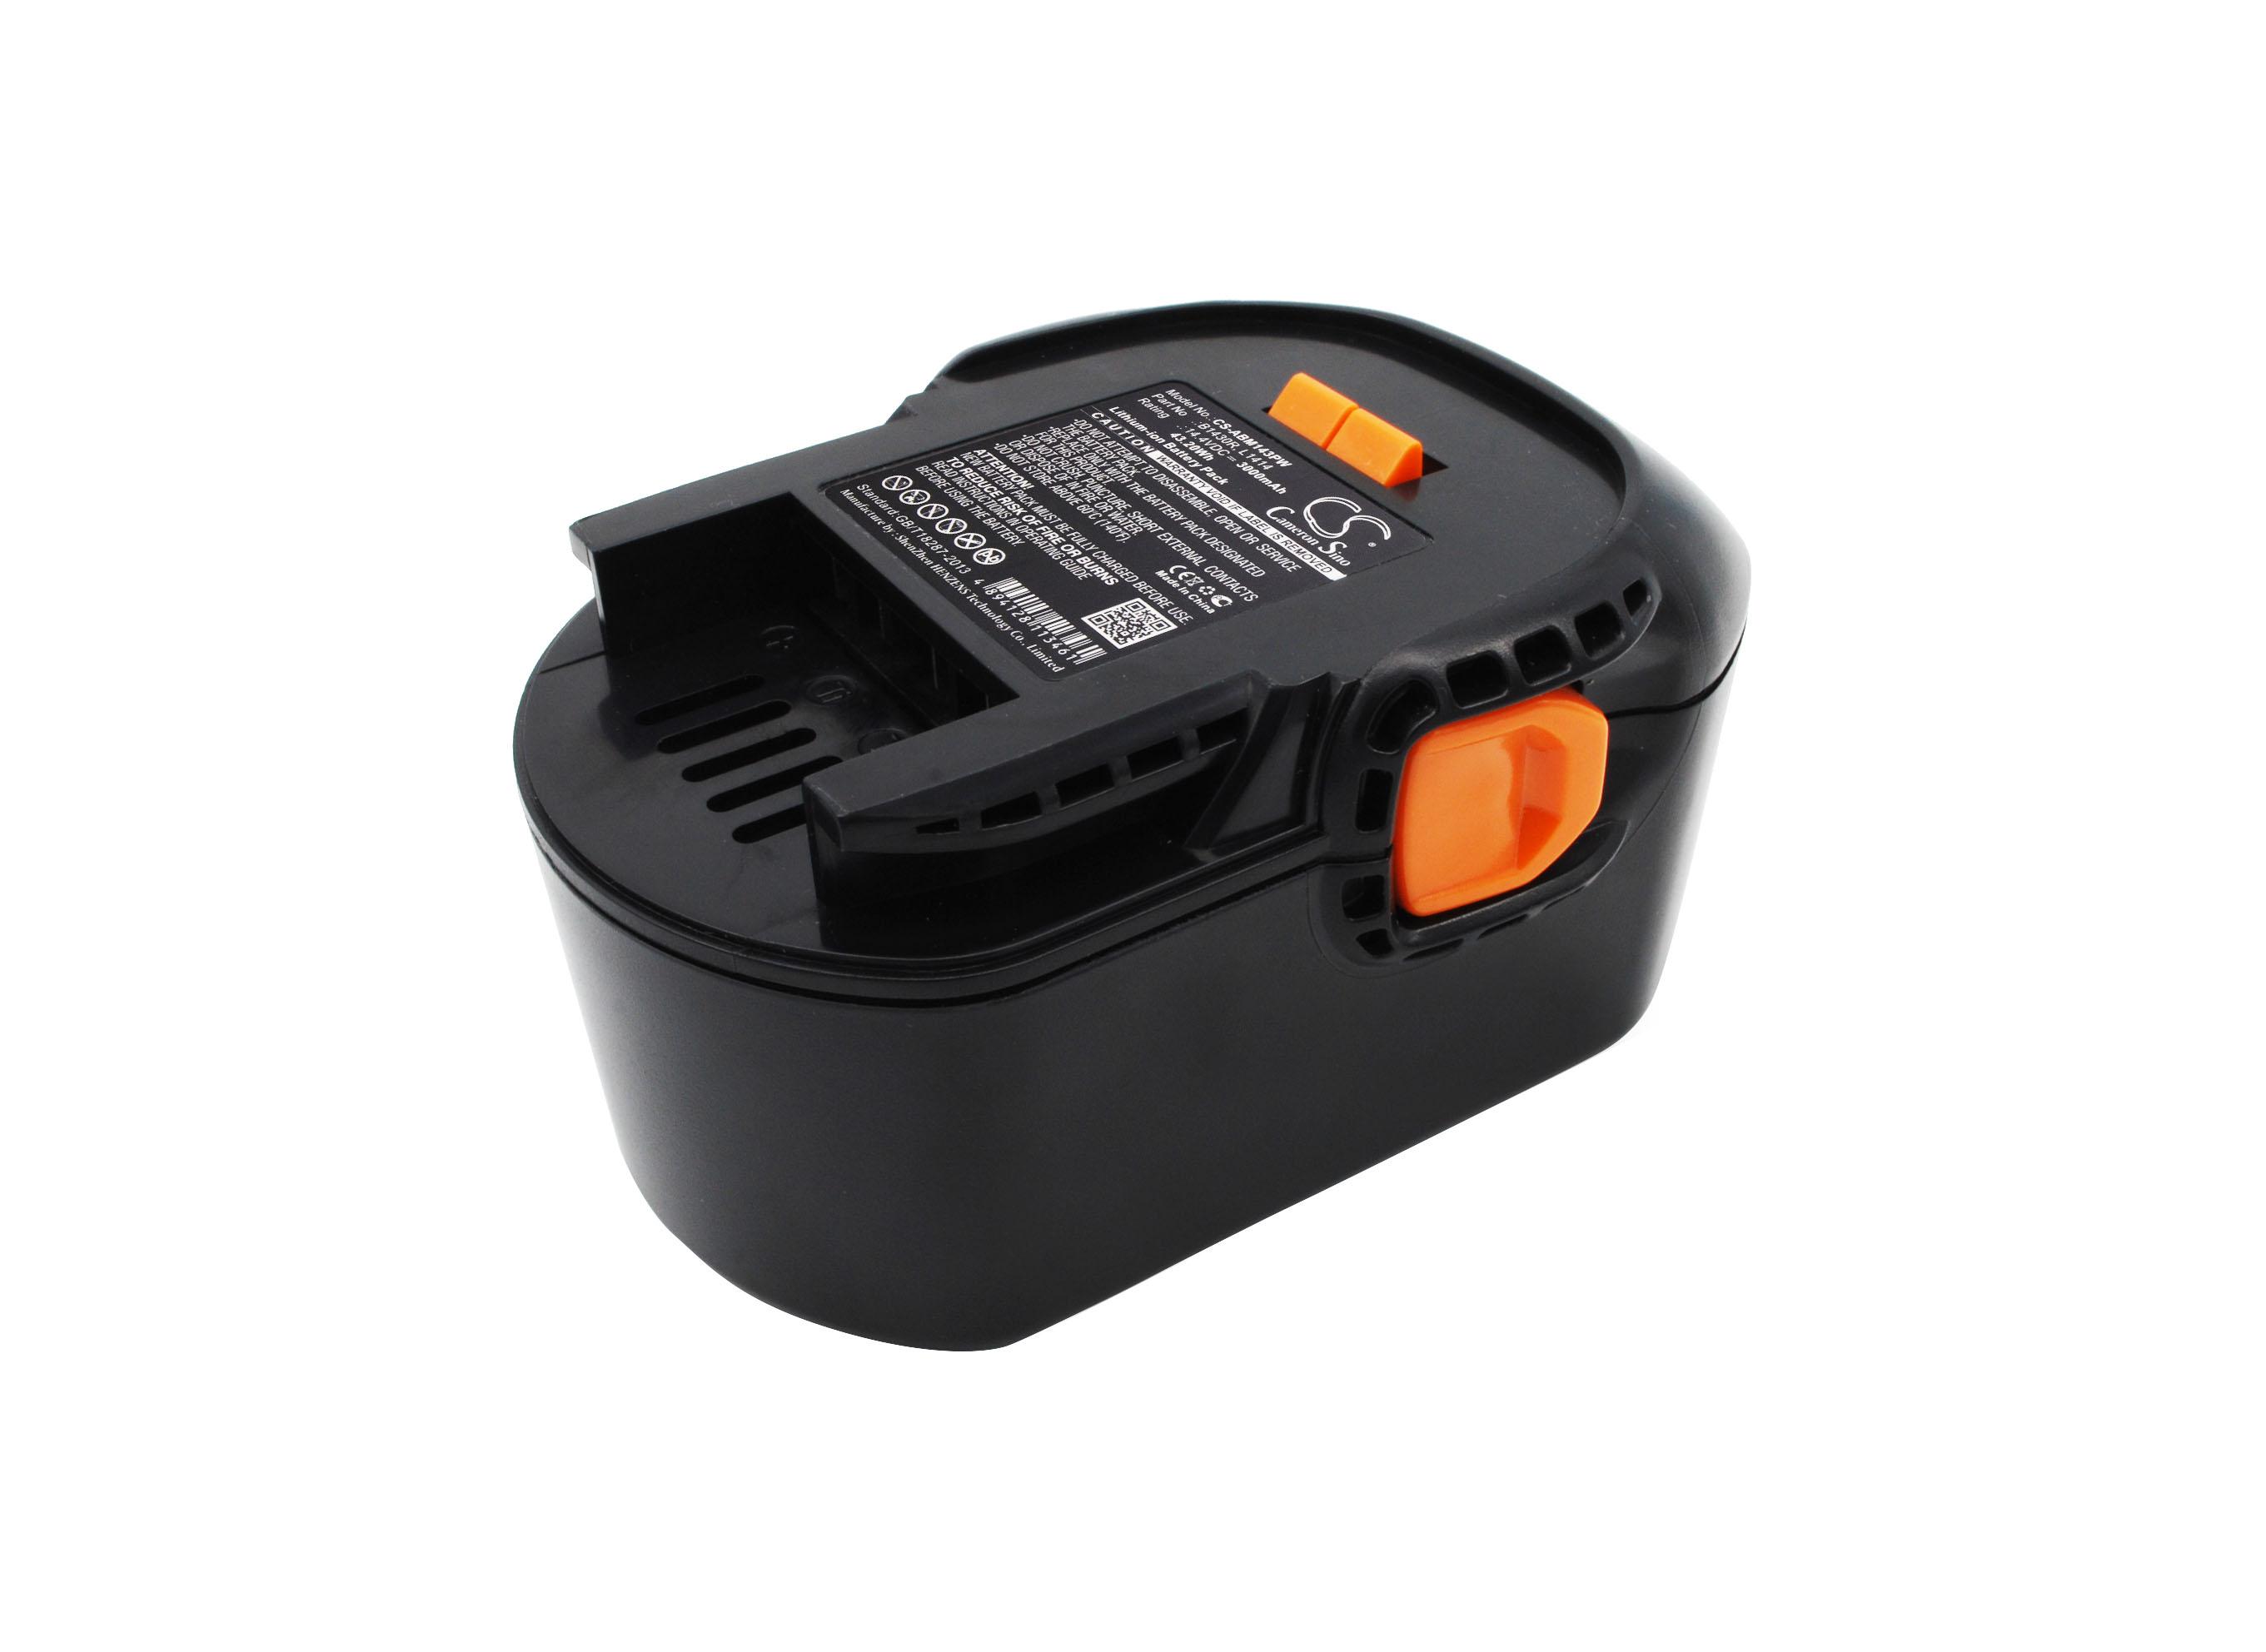 Cameron Sino baterie do nářadí pro AEG BSB 14 STX 14.4V Li-ion 3000mAh černá - neoriginální